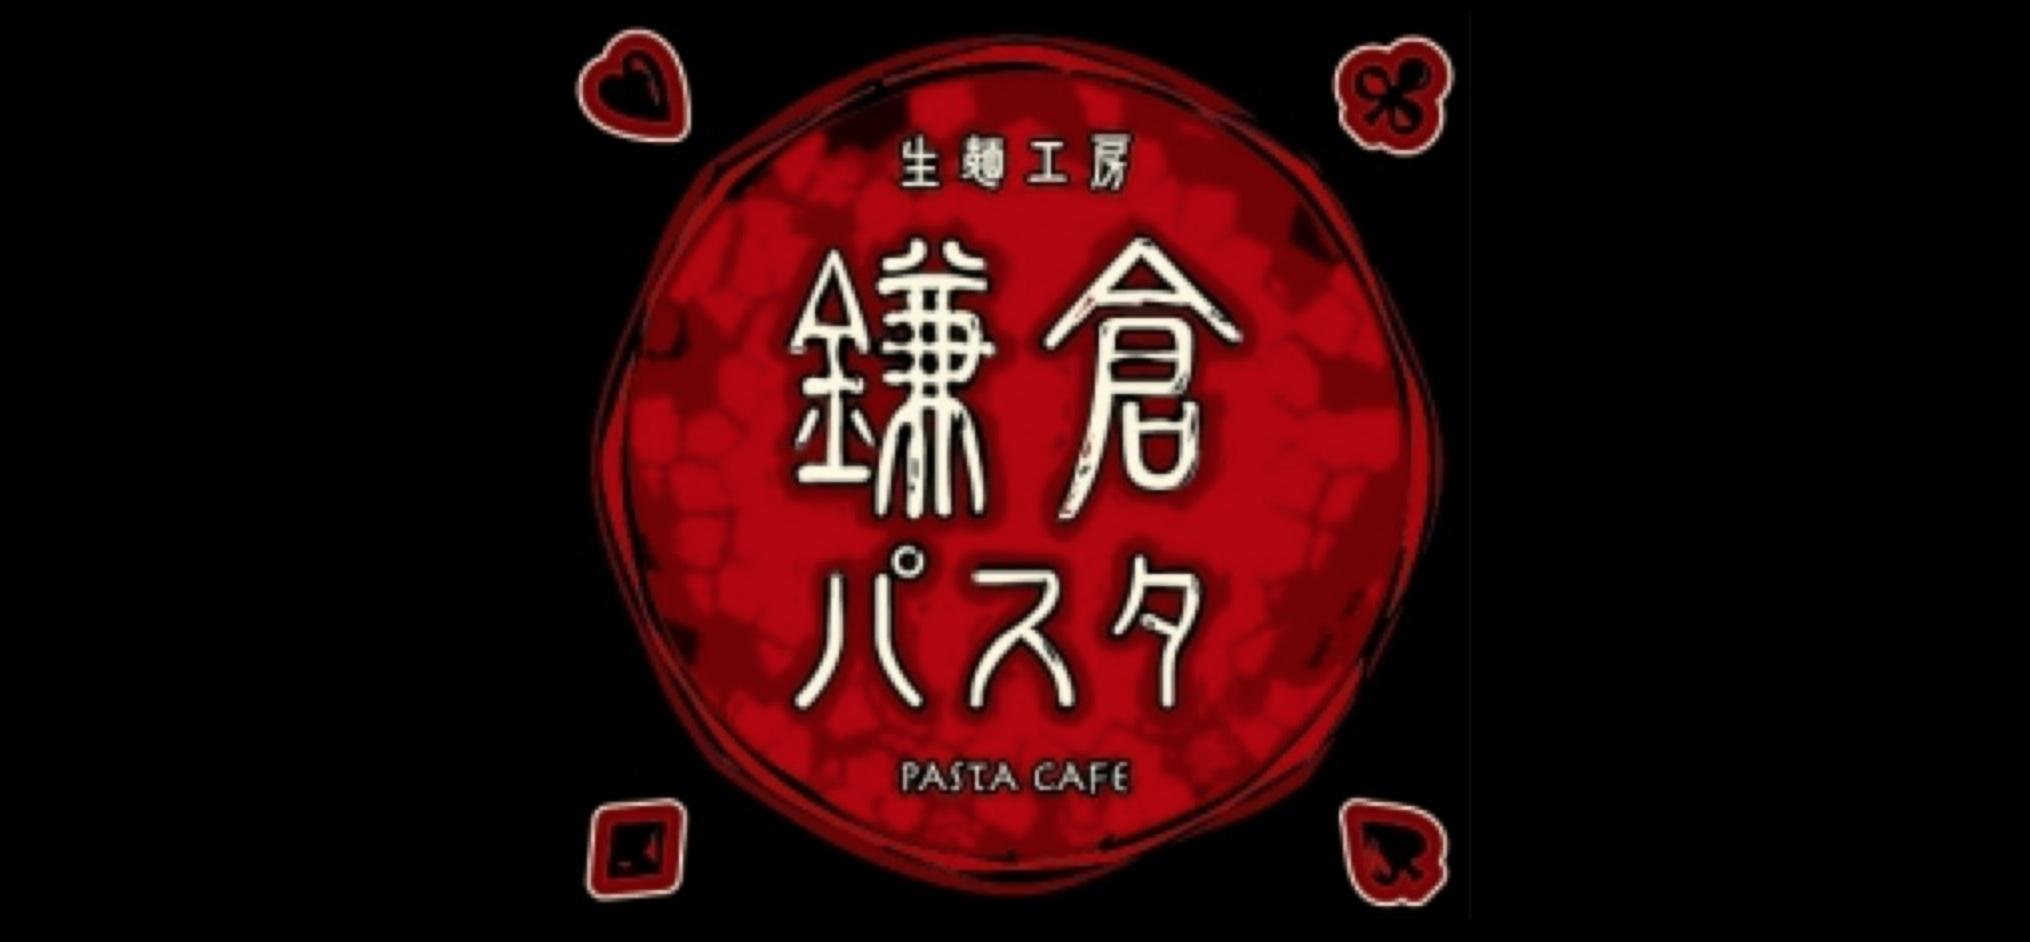 鎌倉パスタロゴ